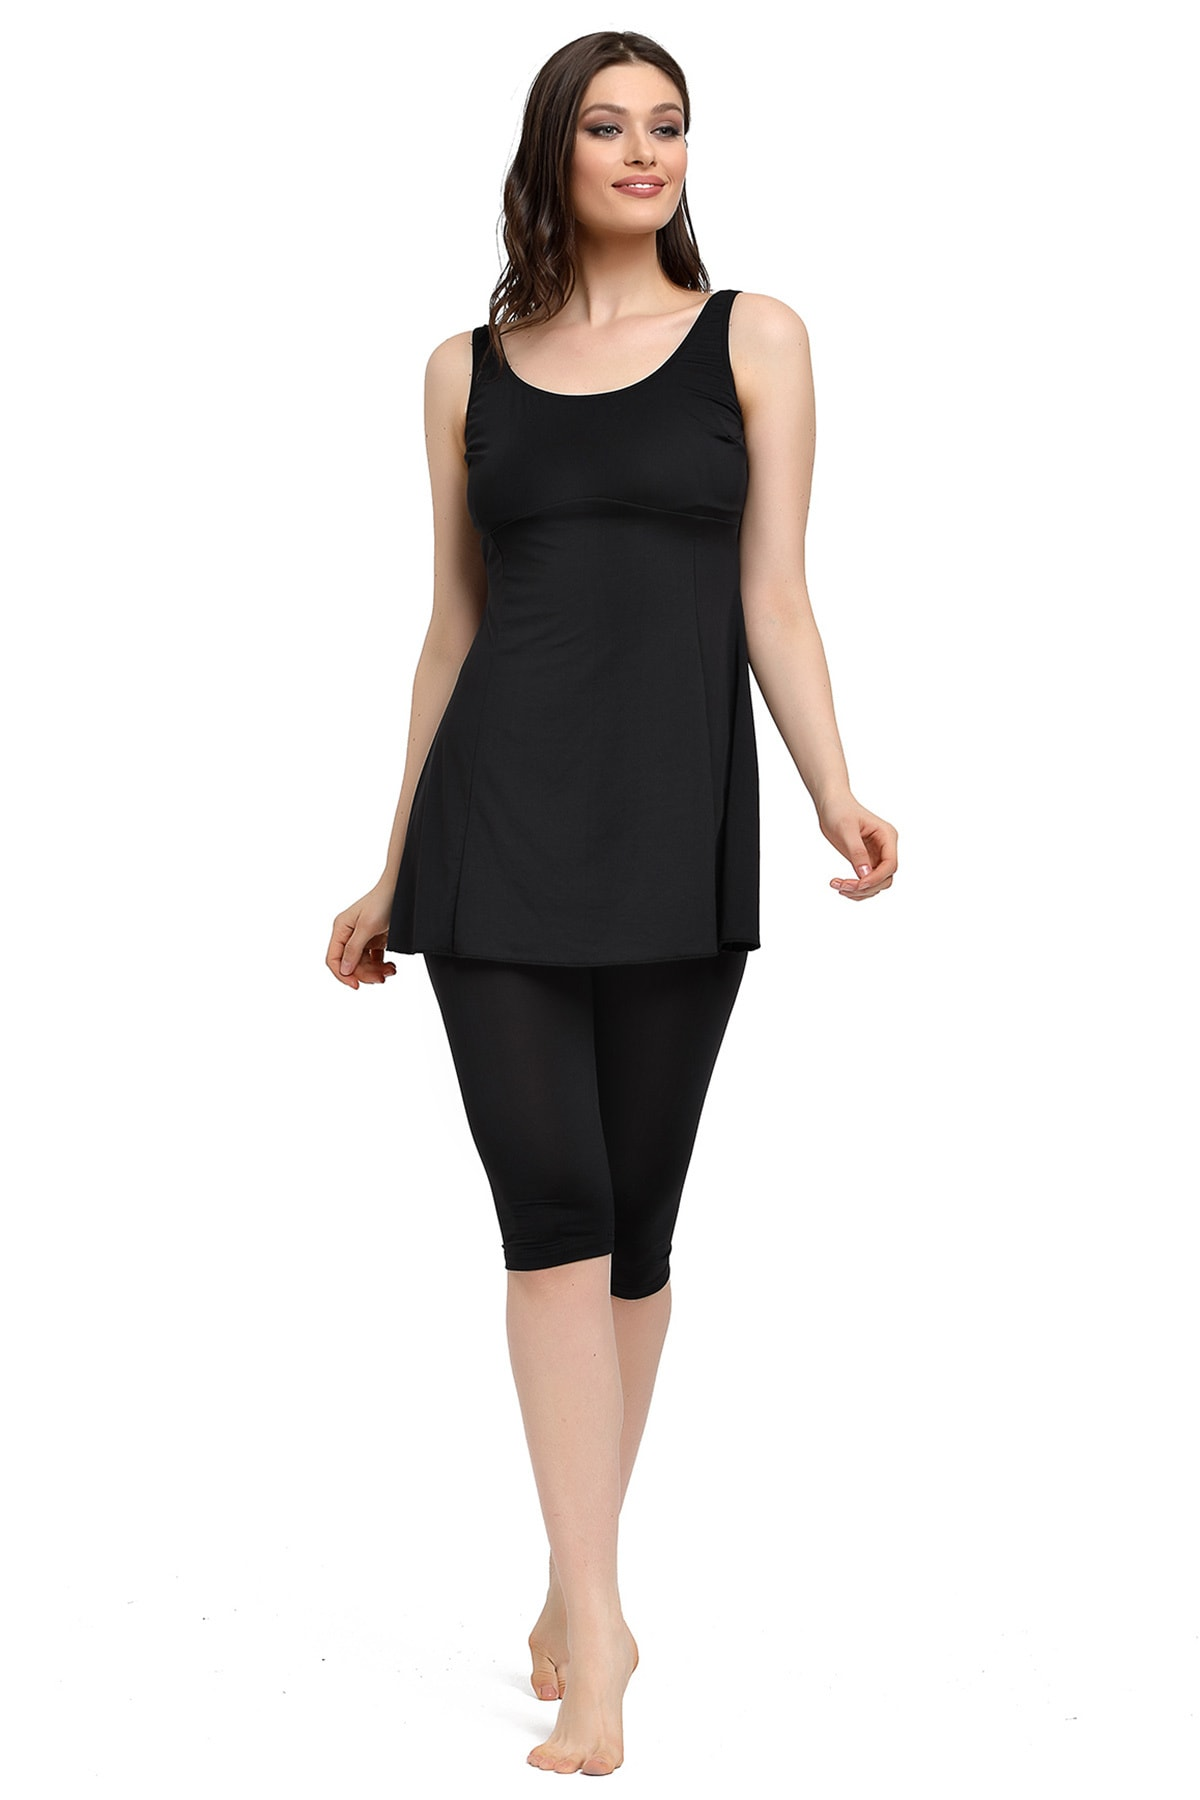 Mossta Kadın Siyah Likralı Taytlı Elbise Mayo 2